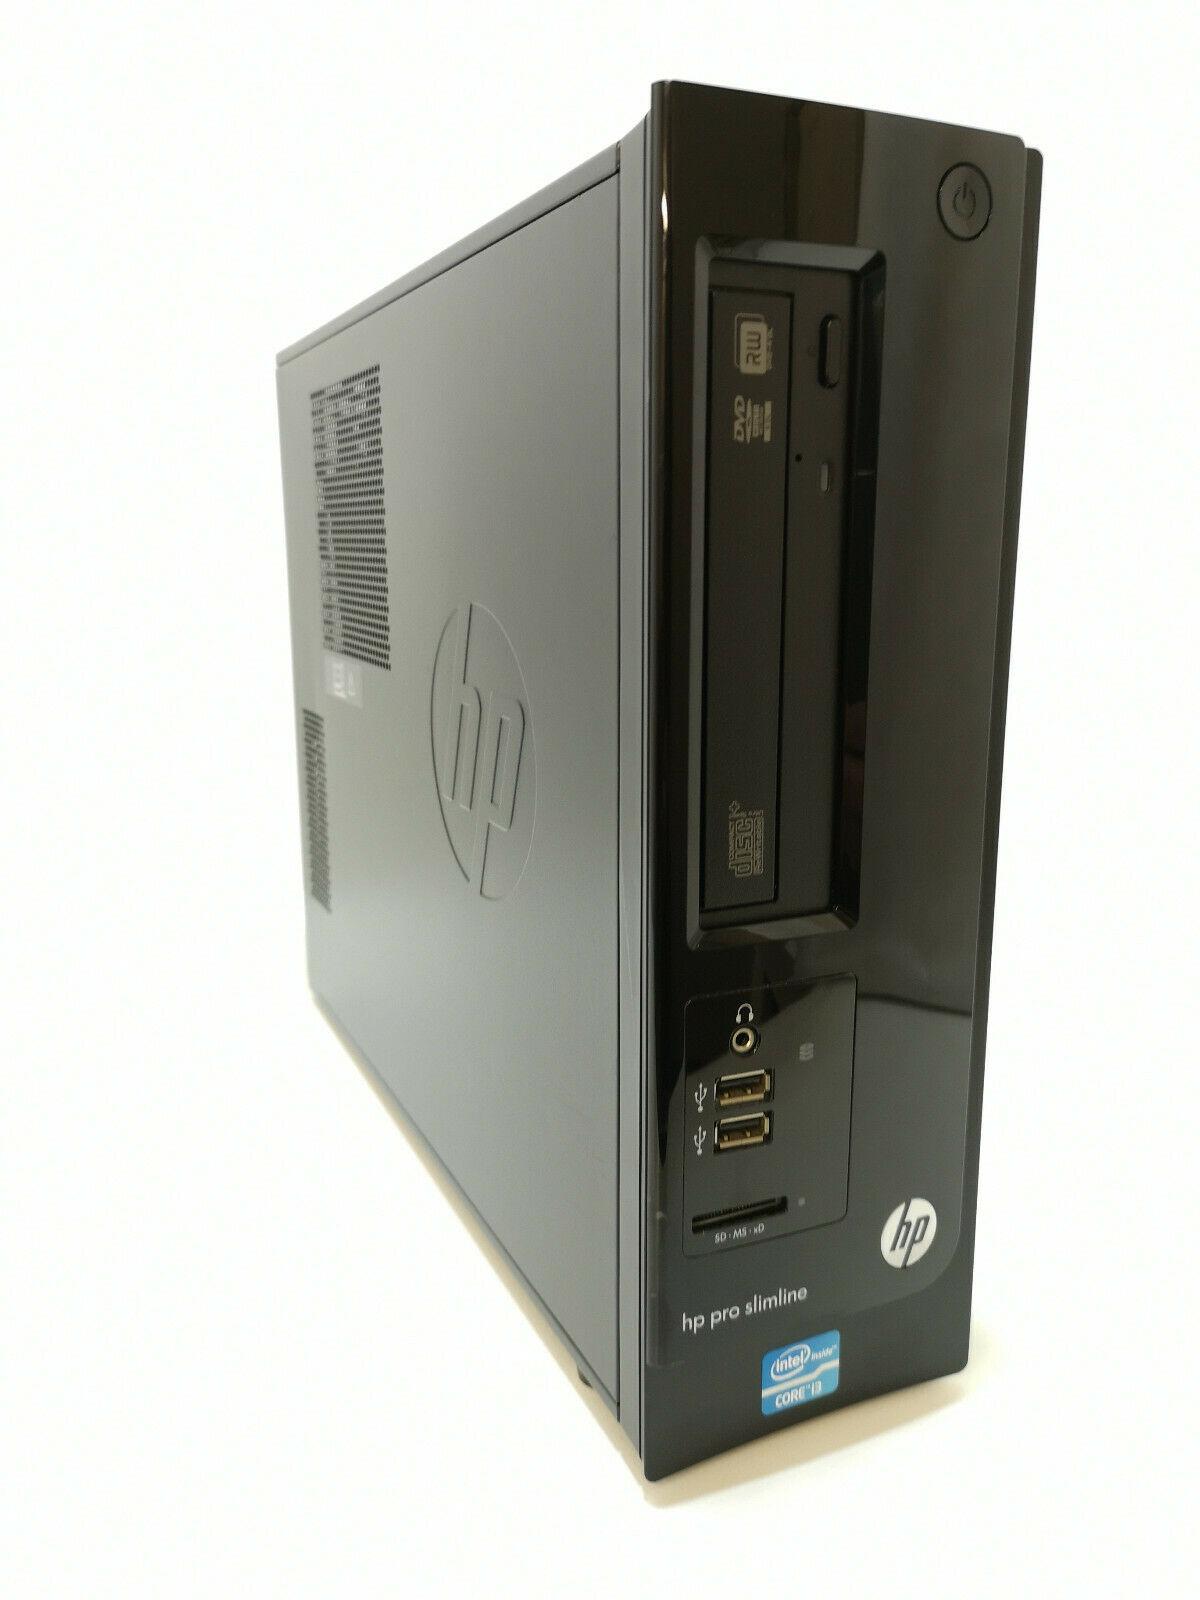 HP-Pro-Slimline-3300-SFF